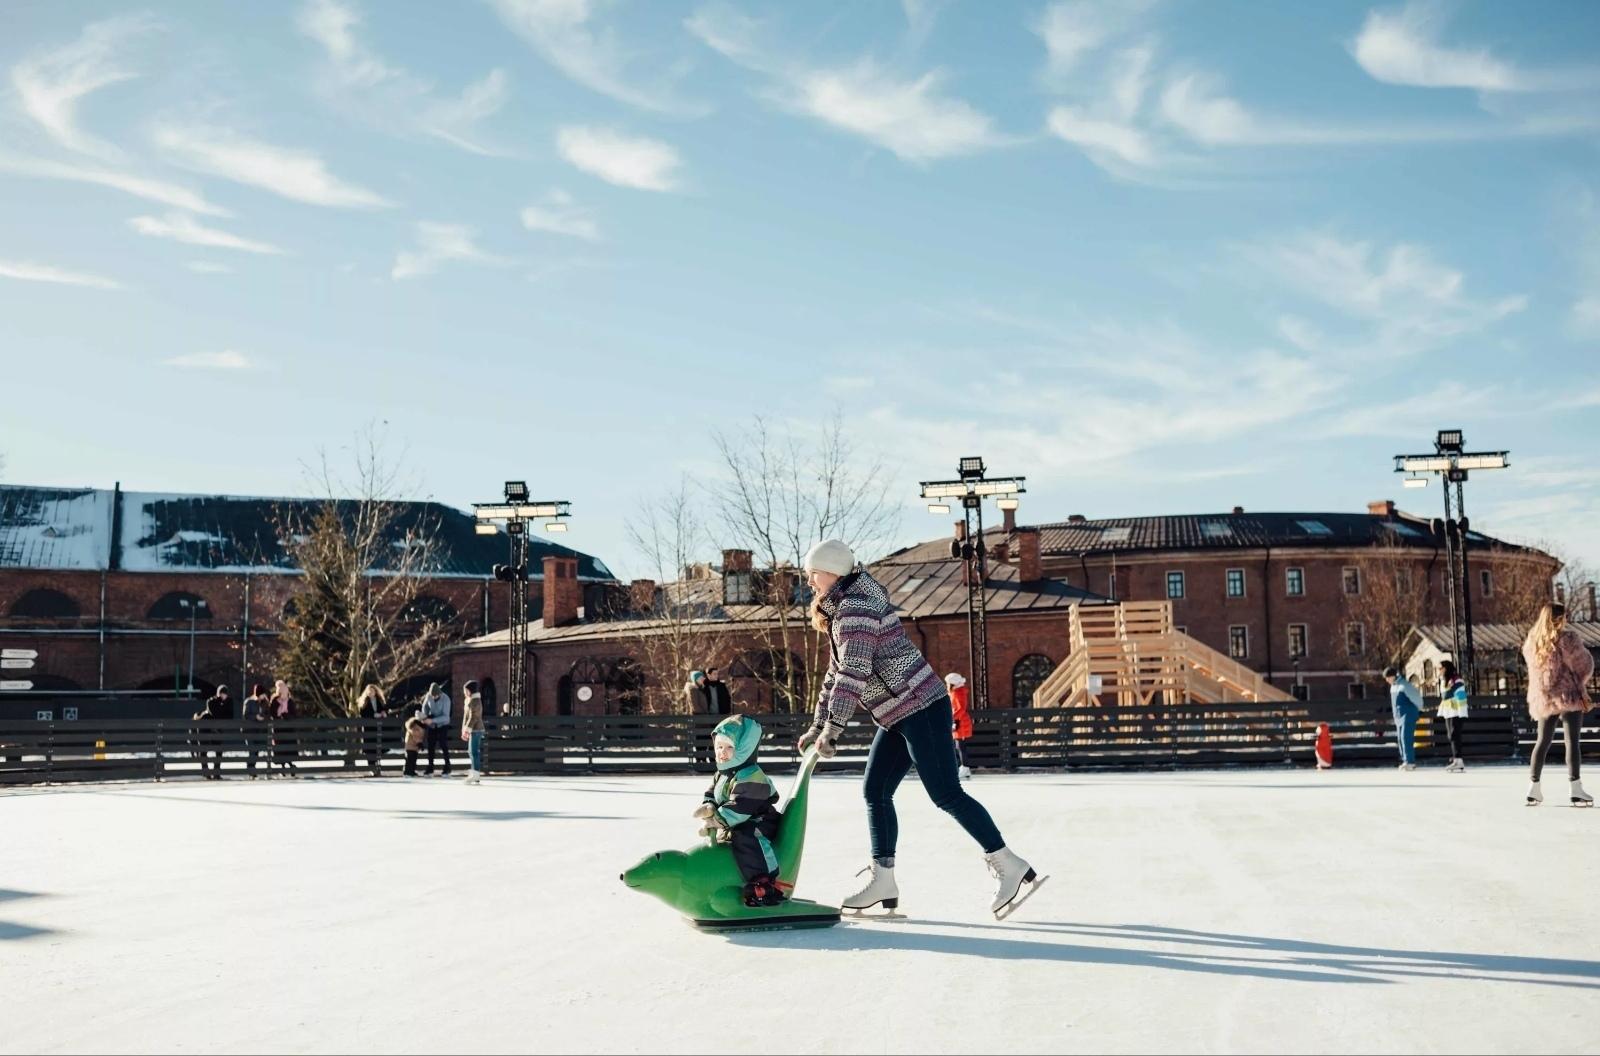 Мама катается на коньках а ребенок на санках